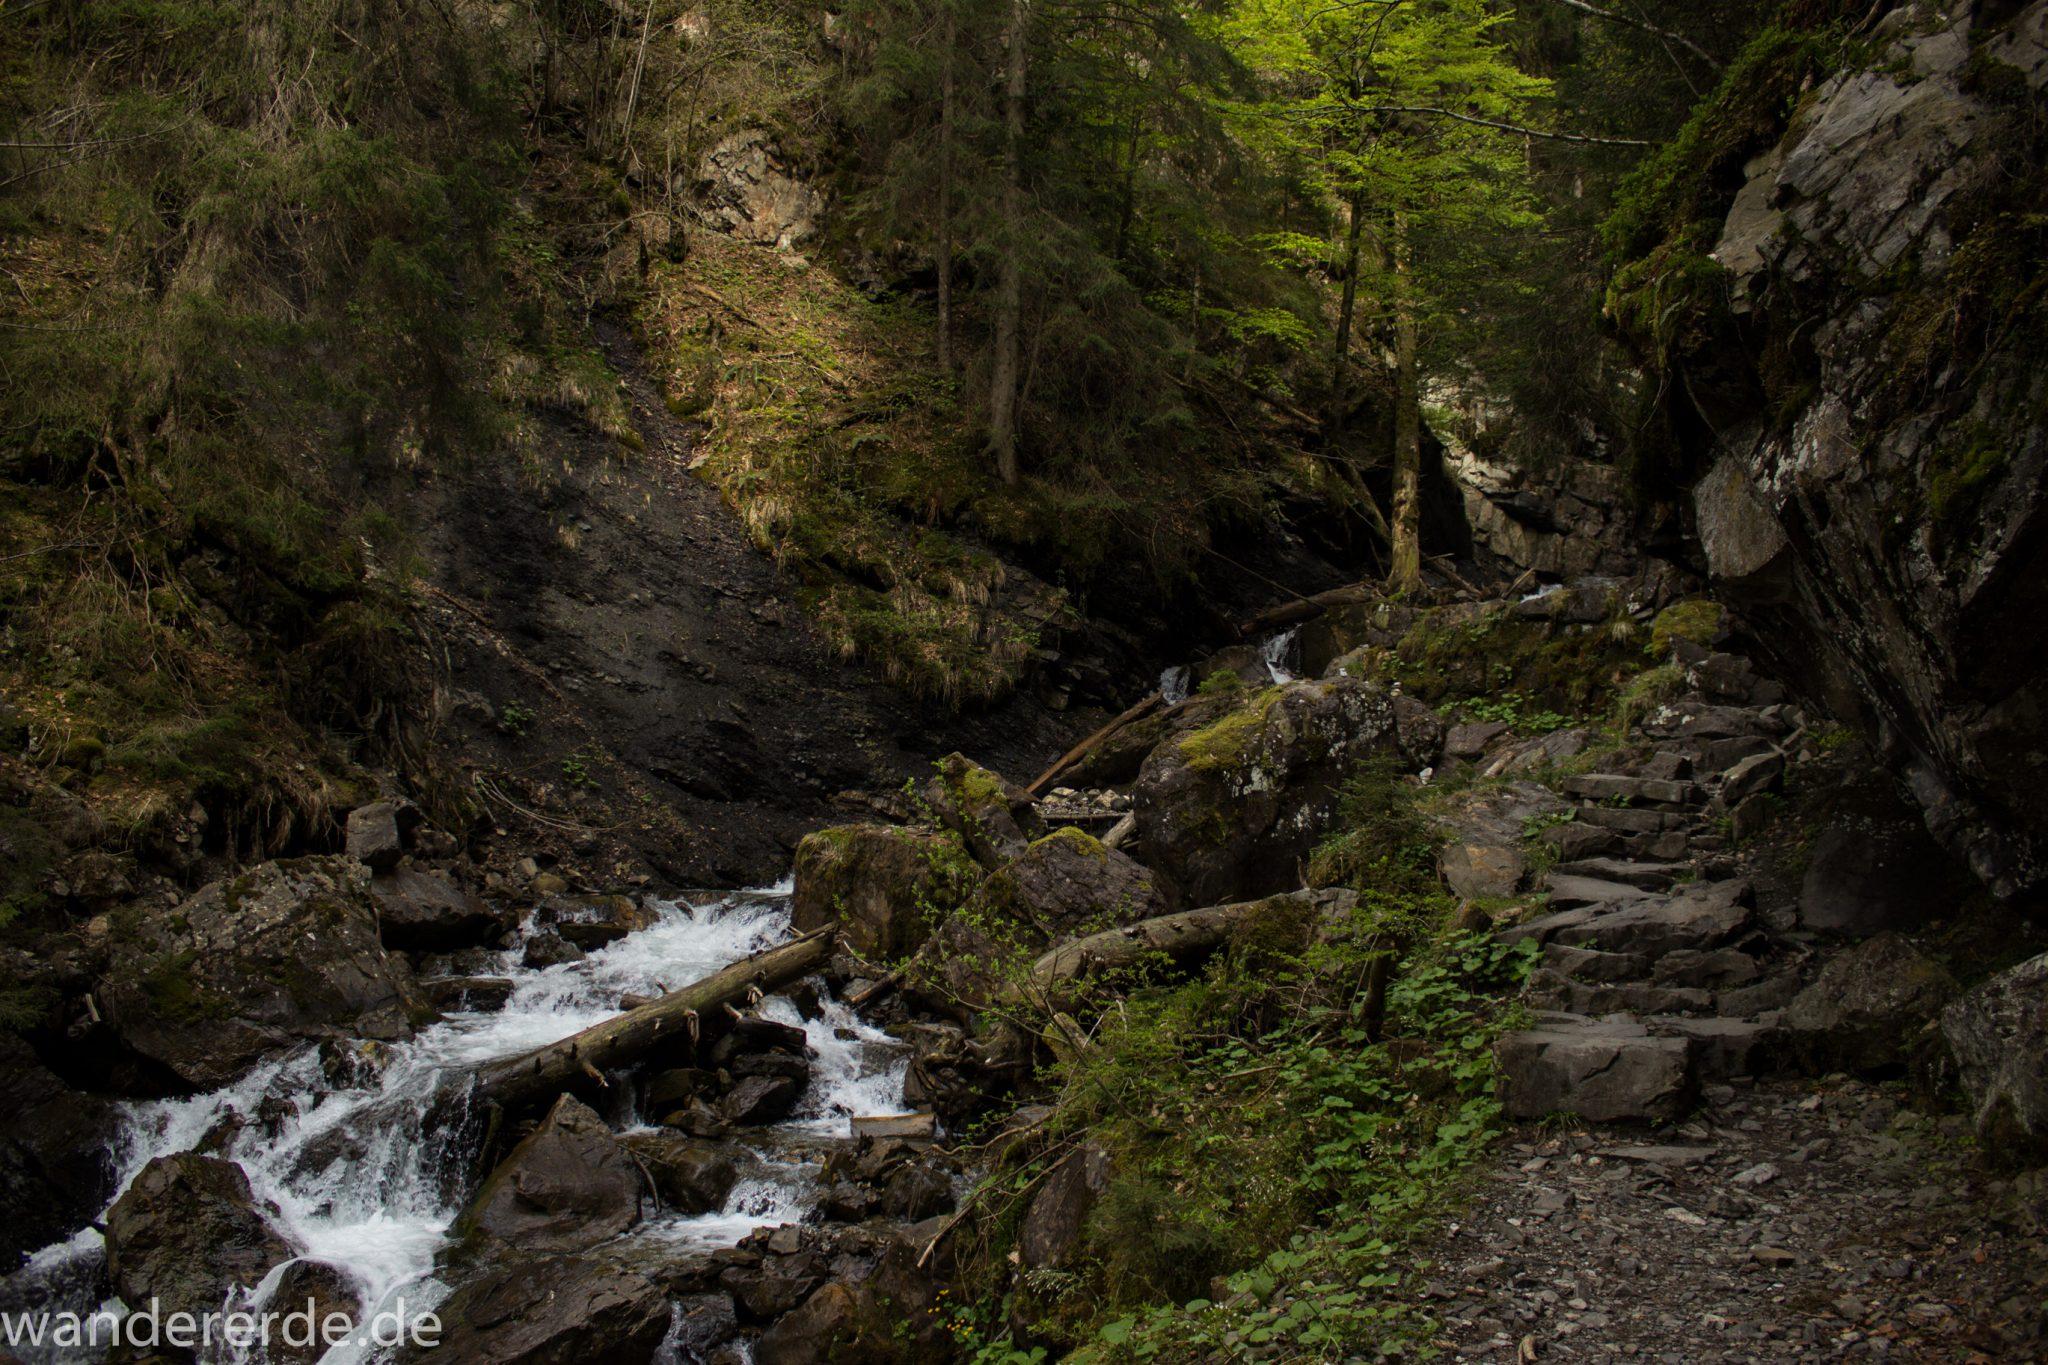 Wanderung Unterer Gaisalpsee, über Tobelweg zurück nach Oberstdorf, schmaler Kiespfad beim Tobelweg, kleine Schlucht, über Brücken und Treppen, teils steil und felsig abwärts, umgeben von schönem dichtem Mischwald, abwechselungsreicher sehr toller Wanderweg am Wasser entlang